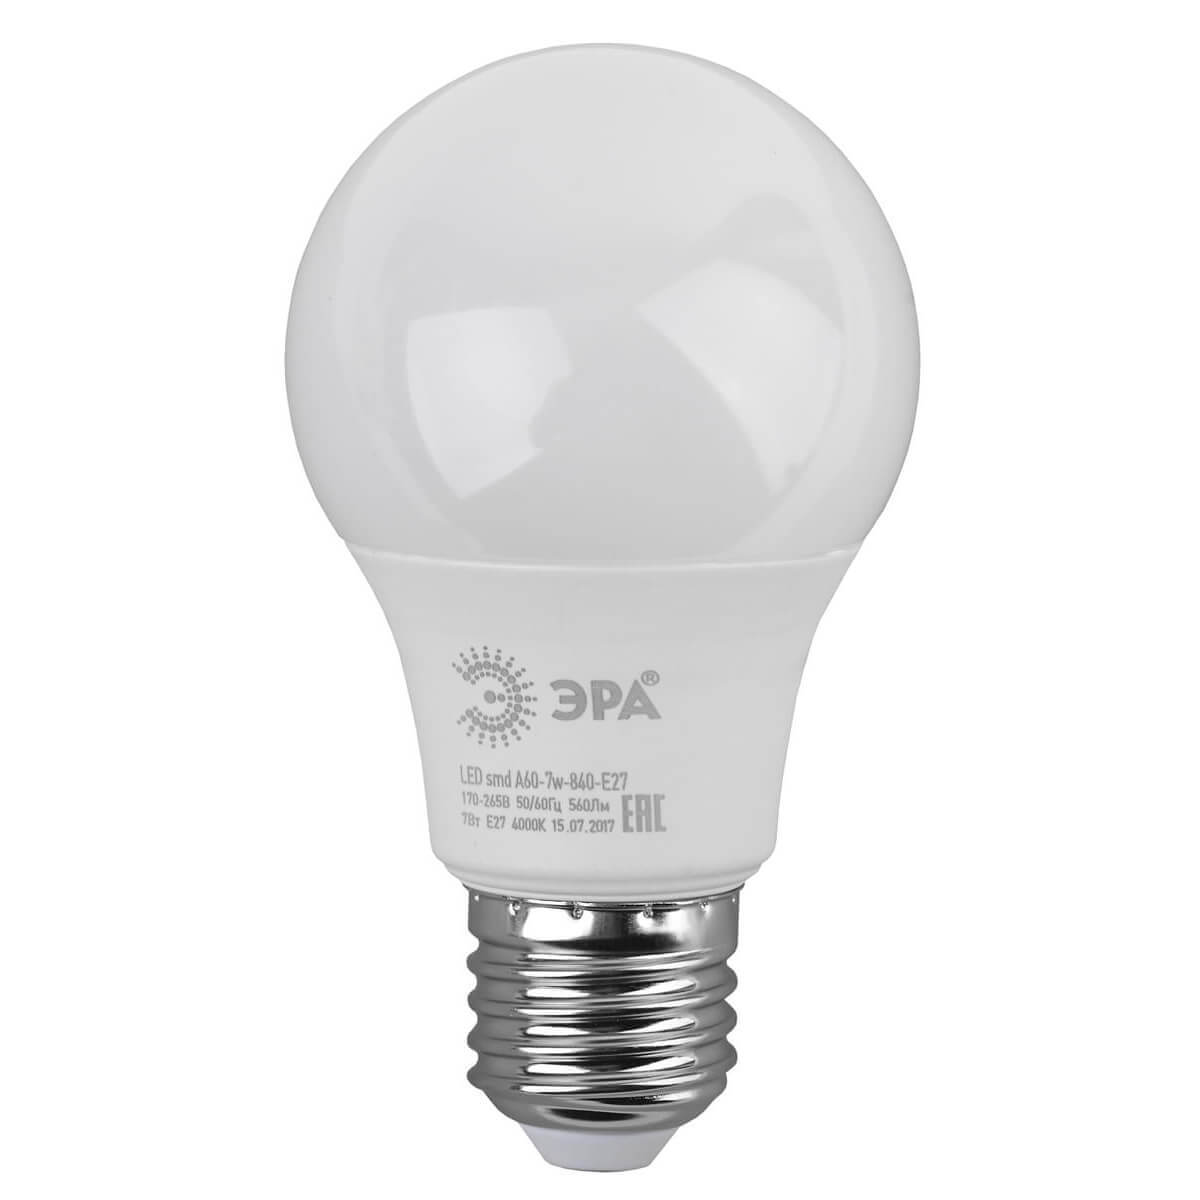 Лампа светодиодная ЭРА E27 7W 4000K матовая LED A60-7W-840-E27